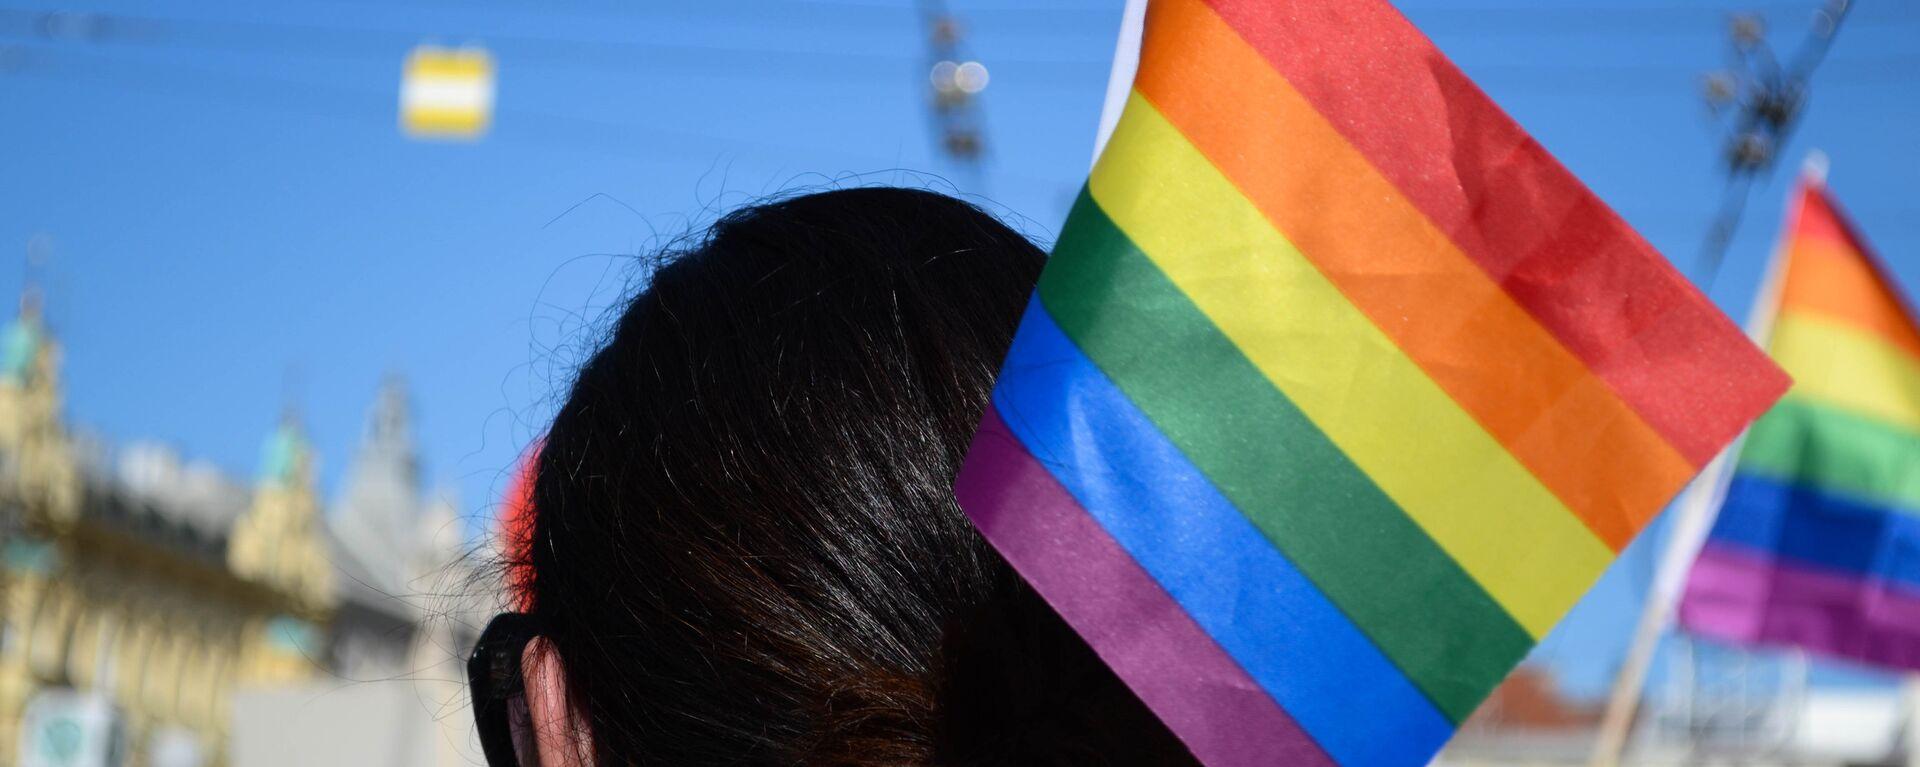 La bandera de la comunidad LGBT - Sputnik Mundo, 1920, 28.06.2021